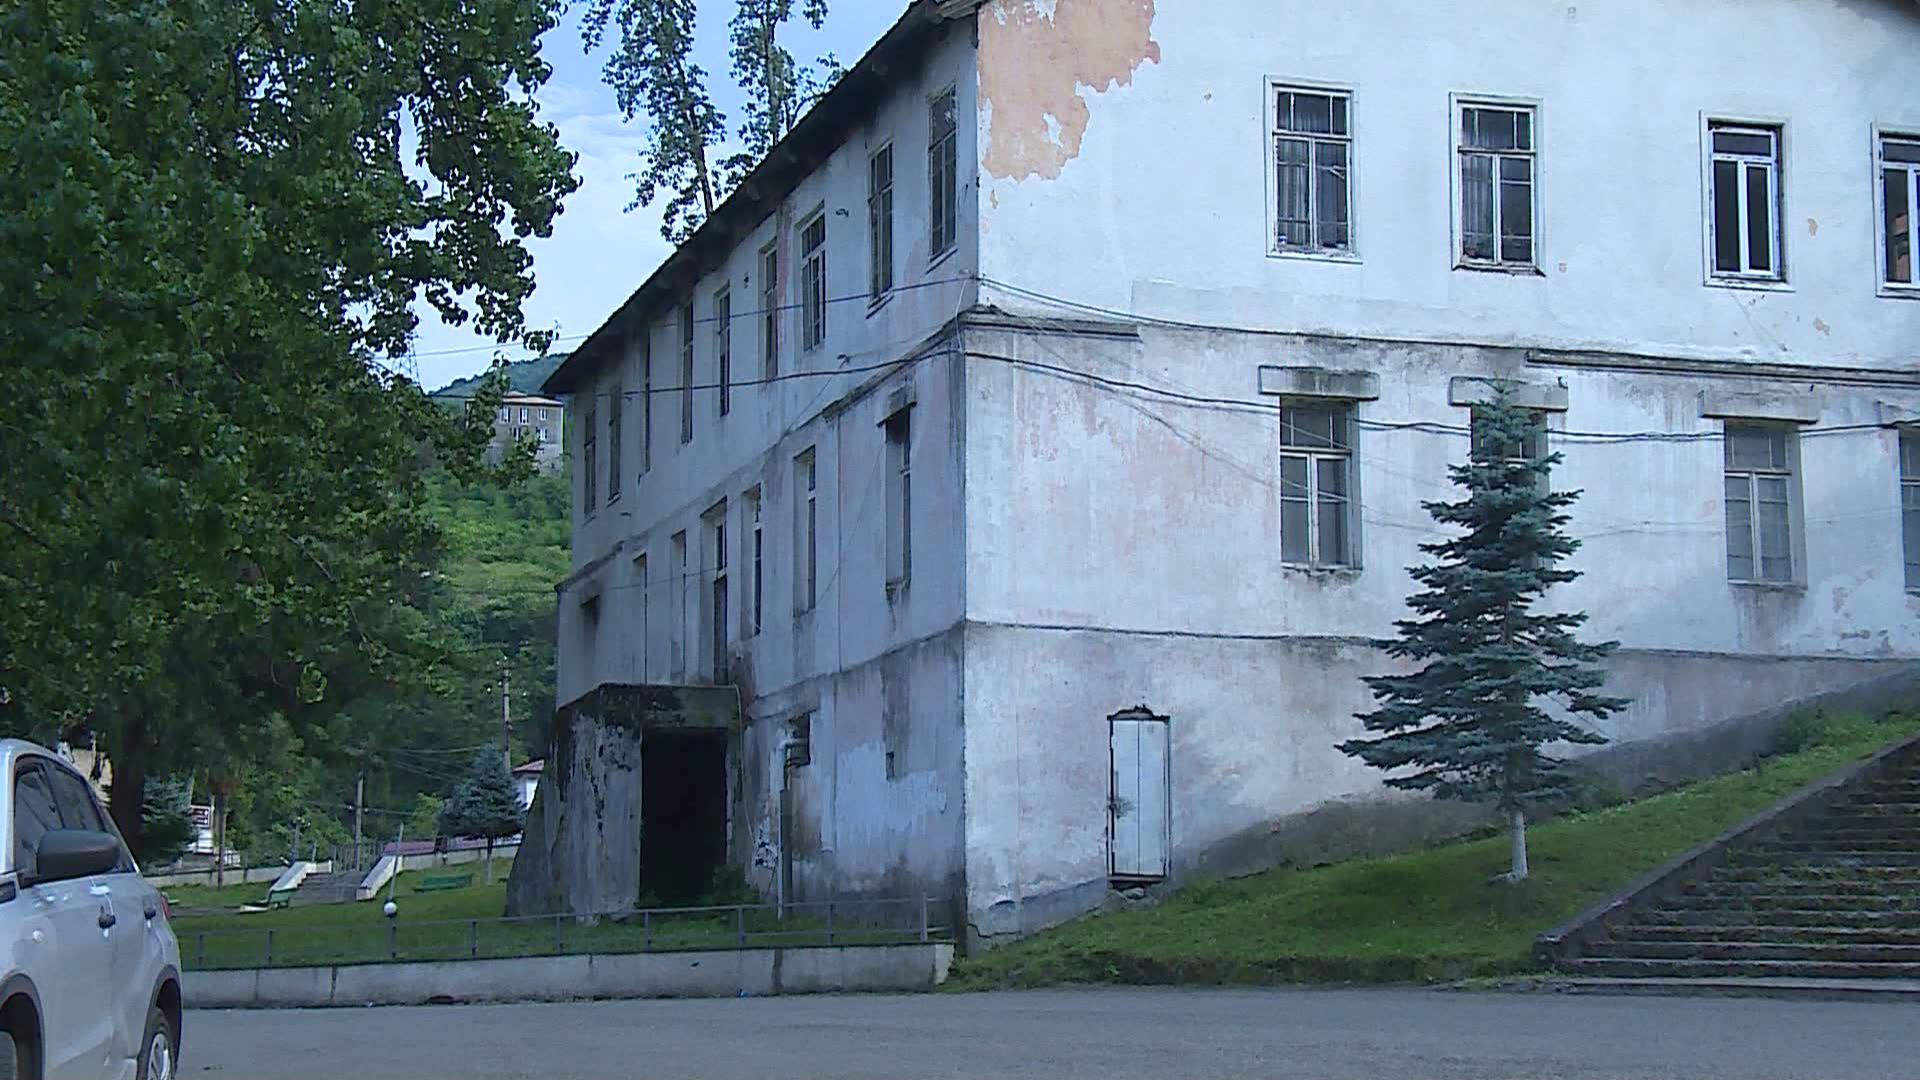 ქედის ისტორიული მუზეუმი ადგილს  იცვლის